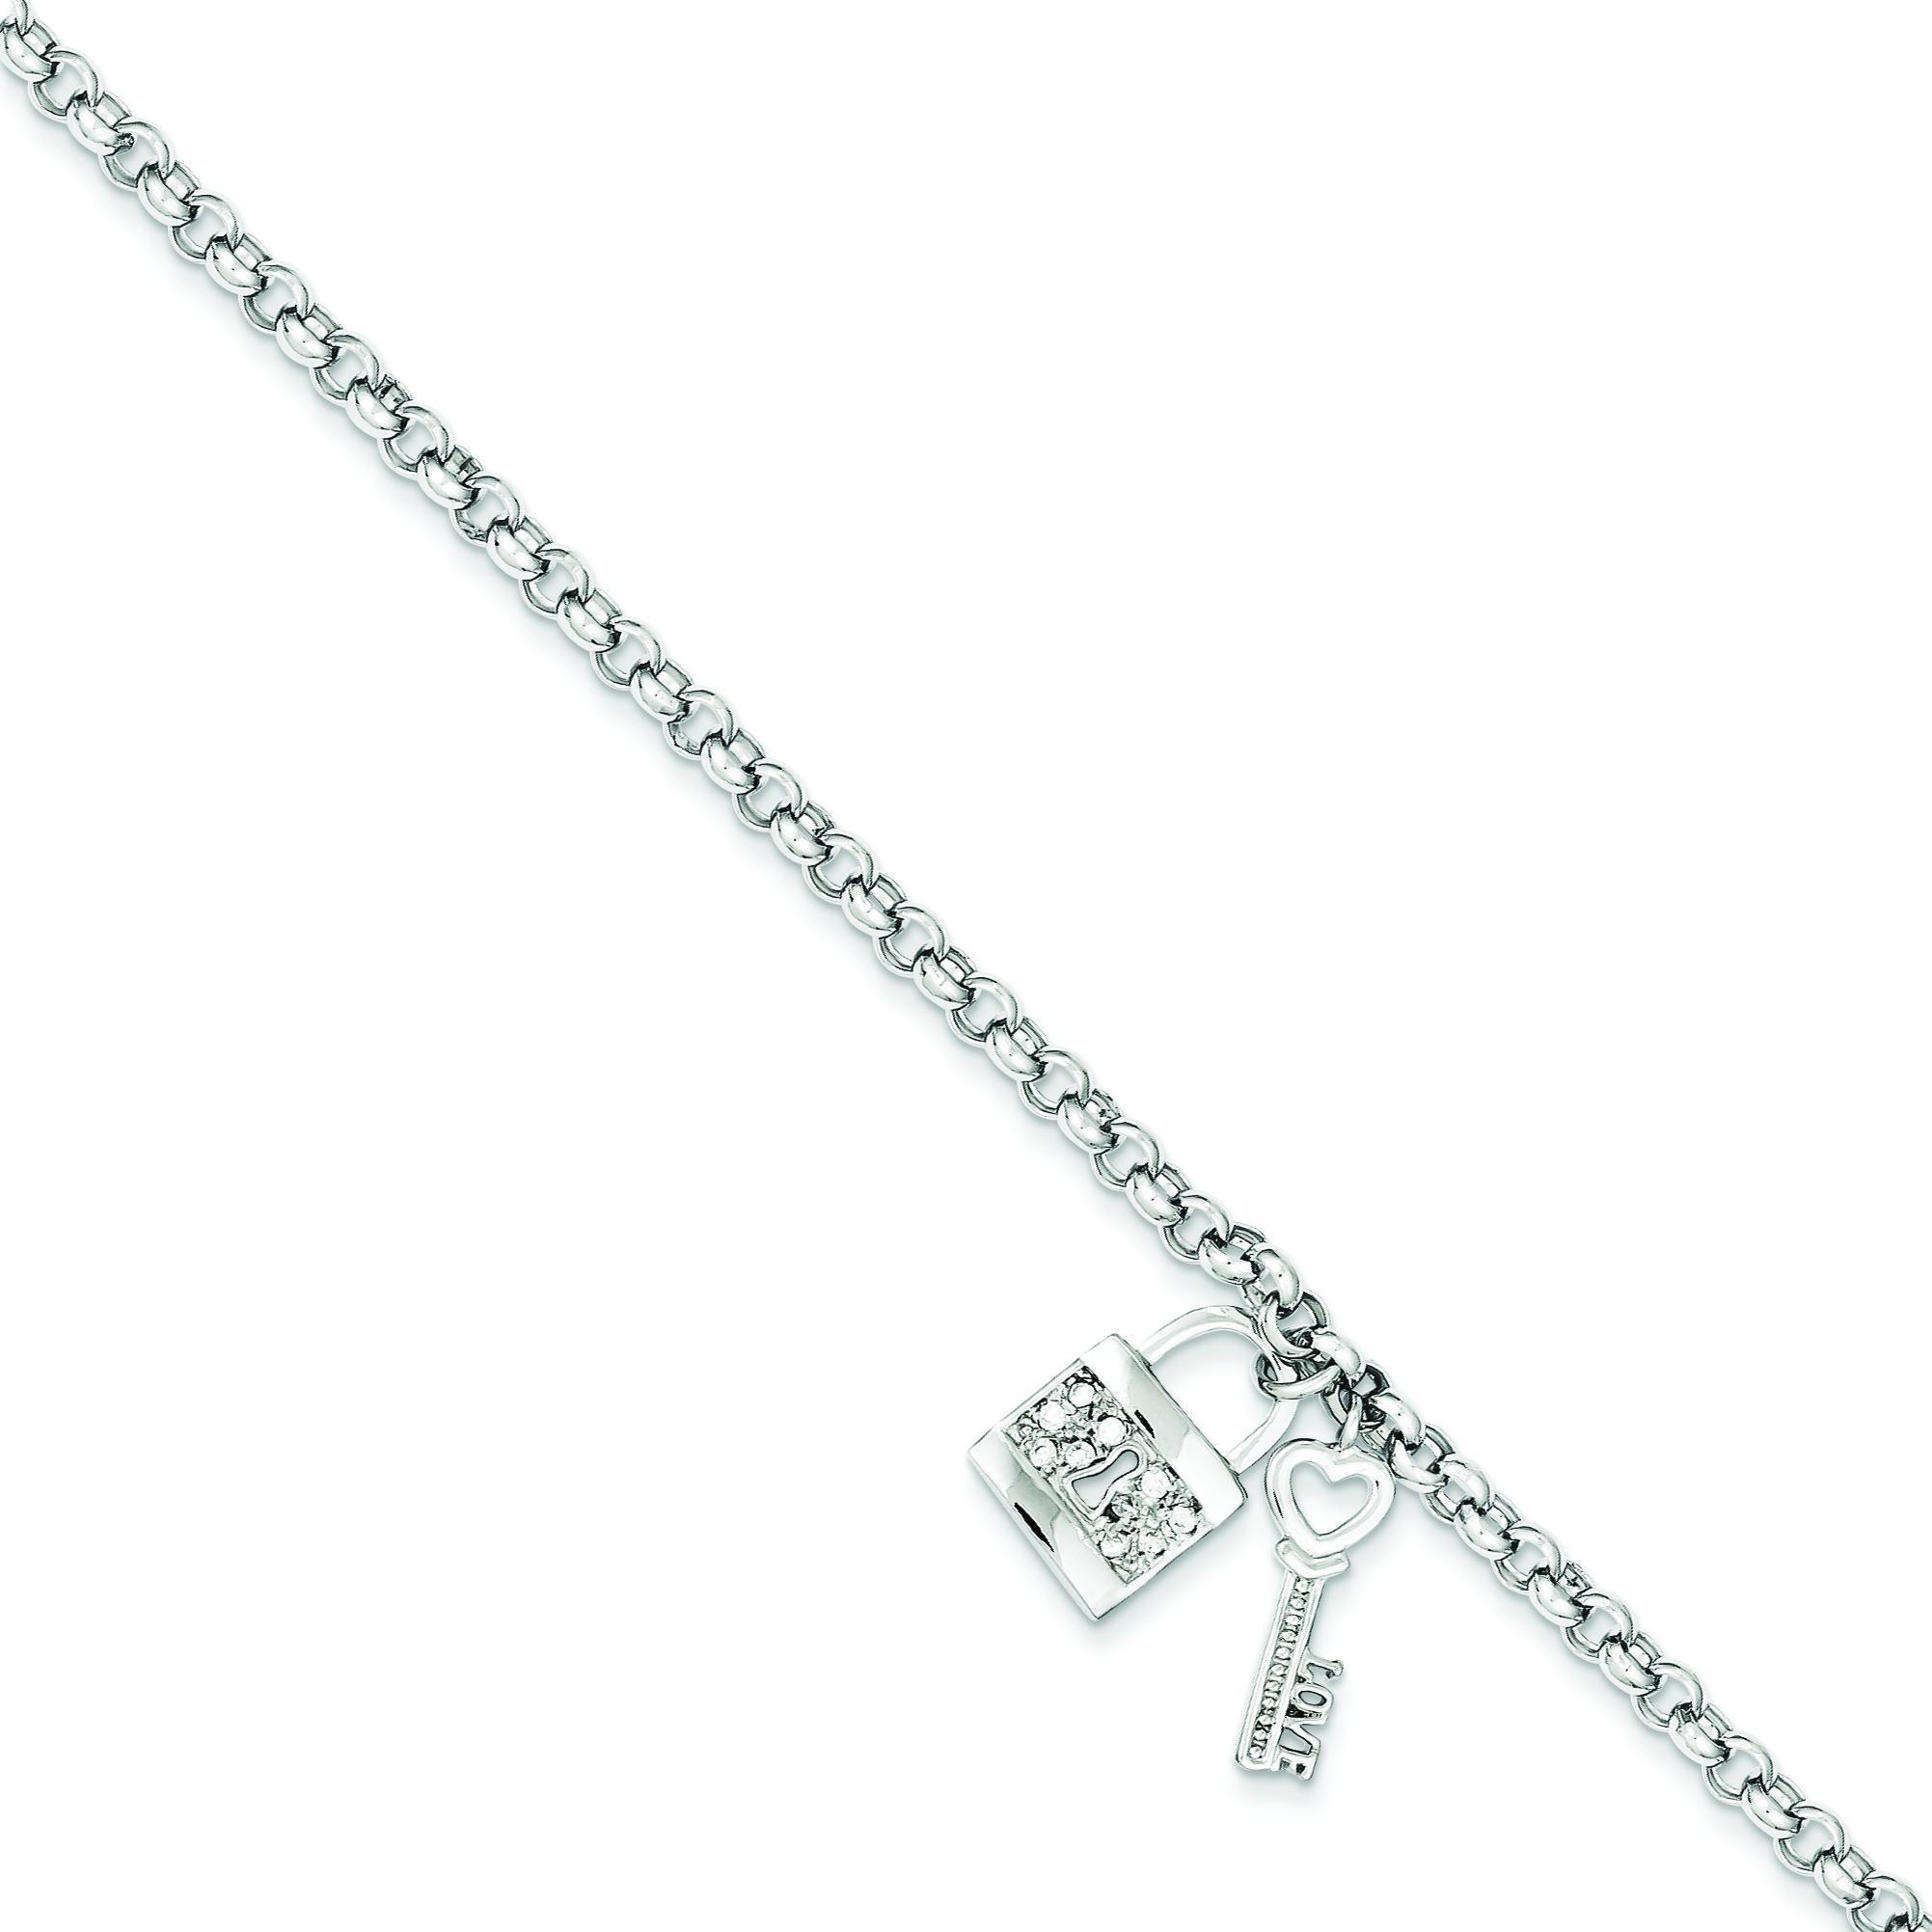 CZ Lock Key Rolo Bracelet in Sterling Silver